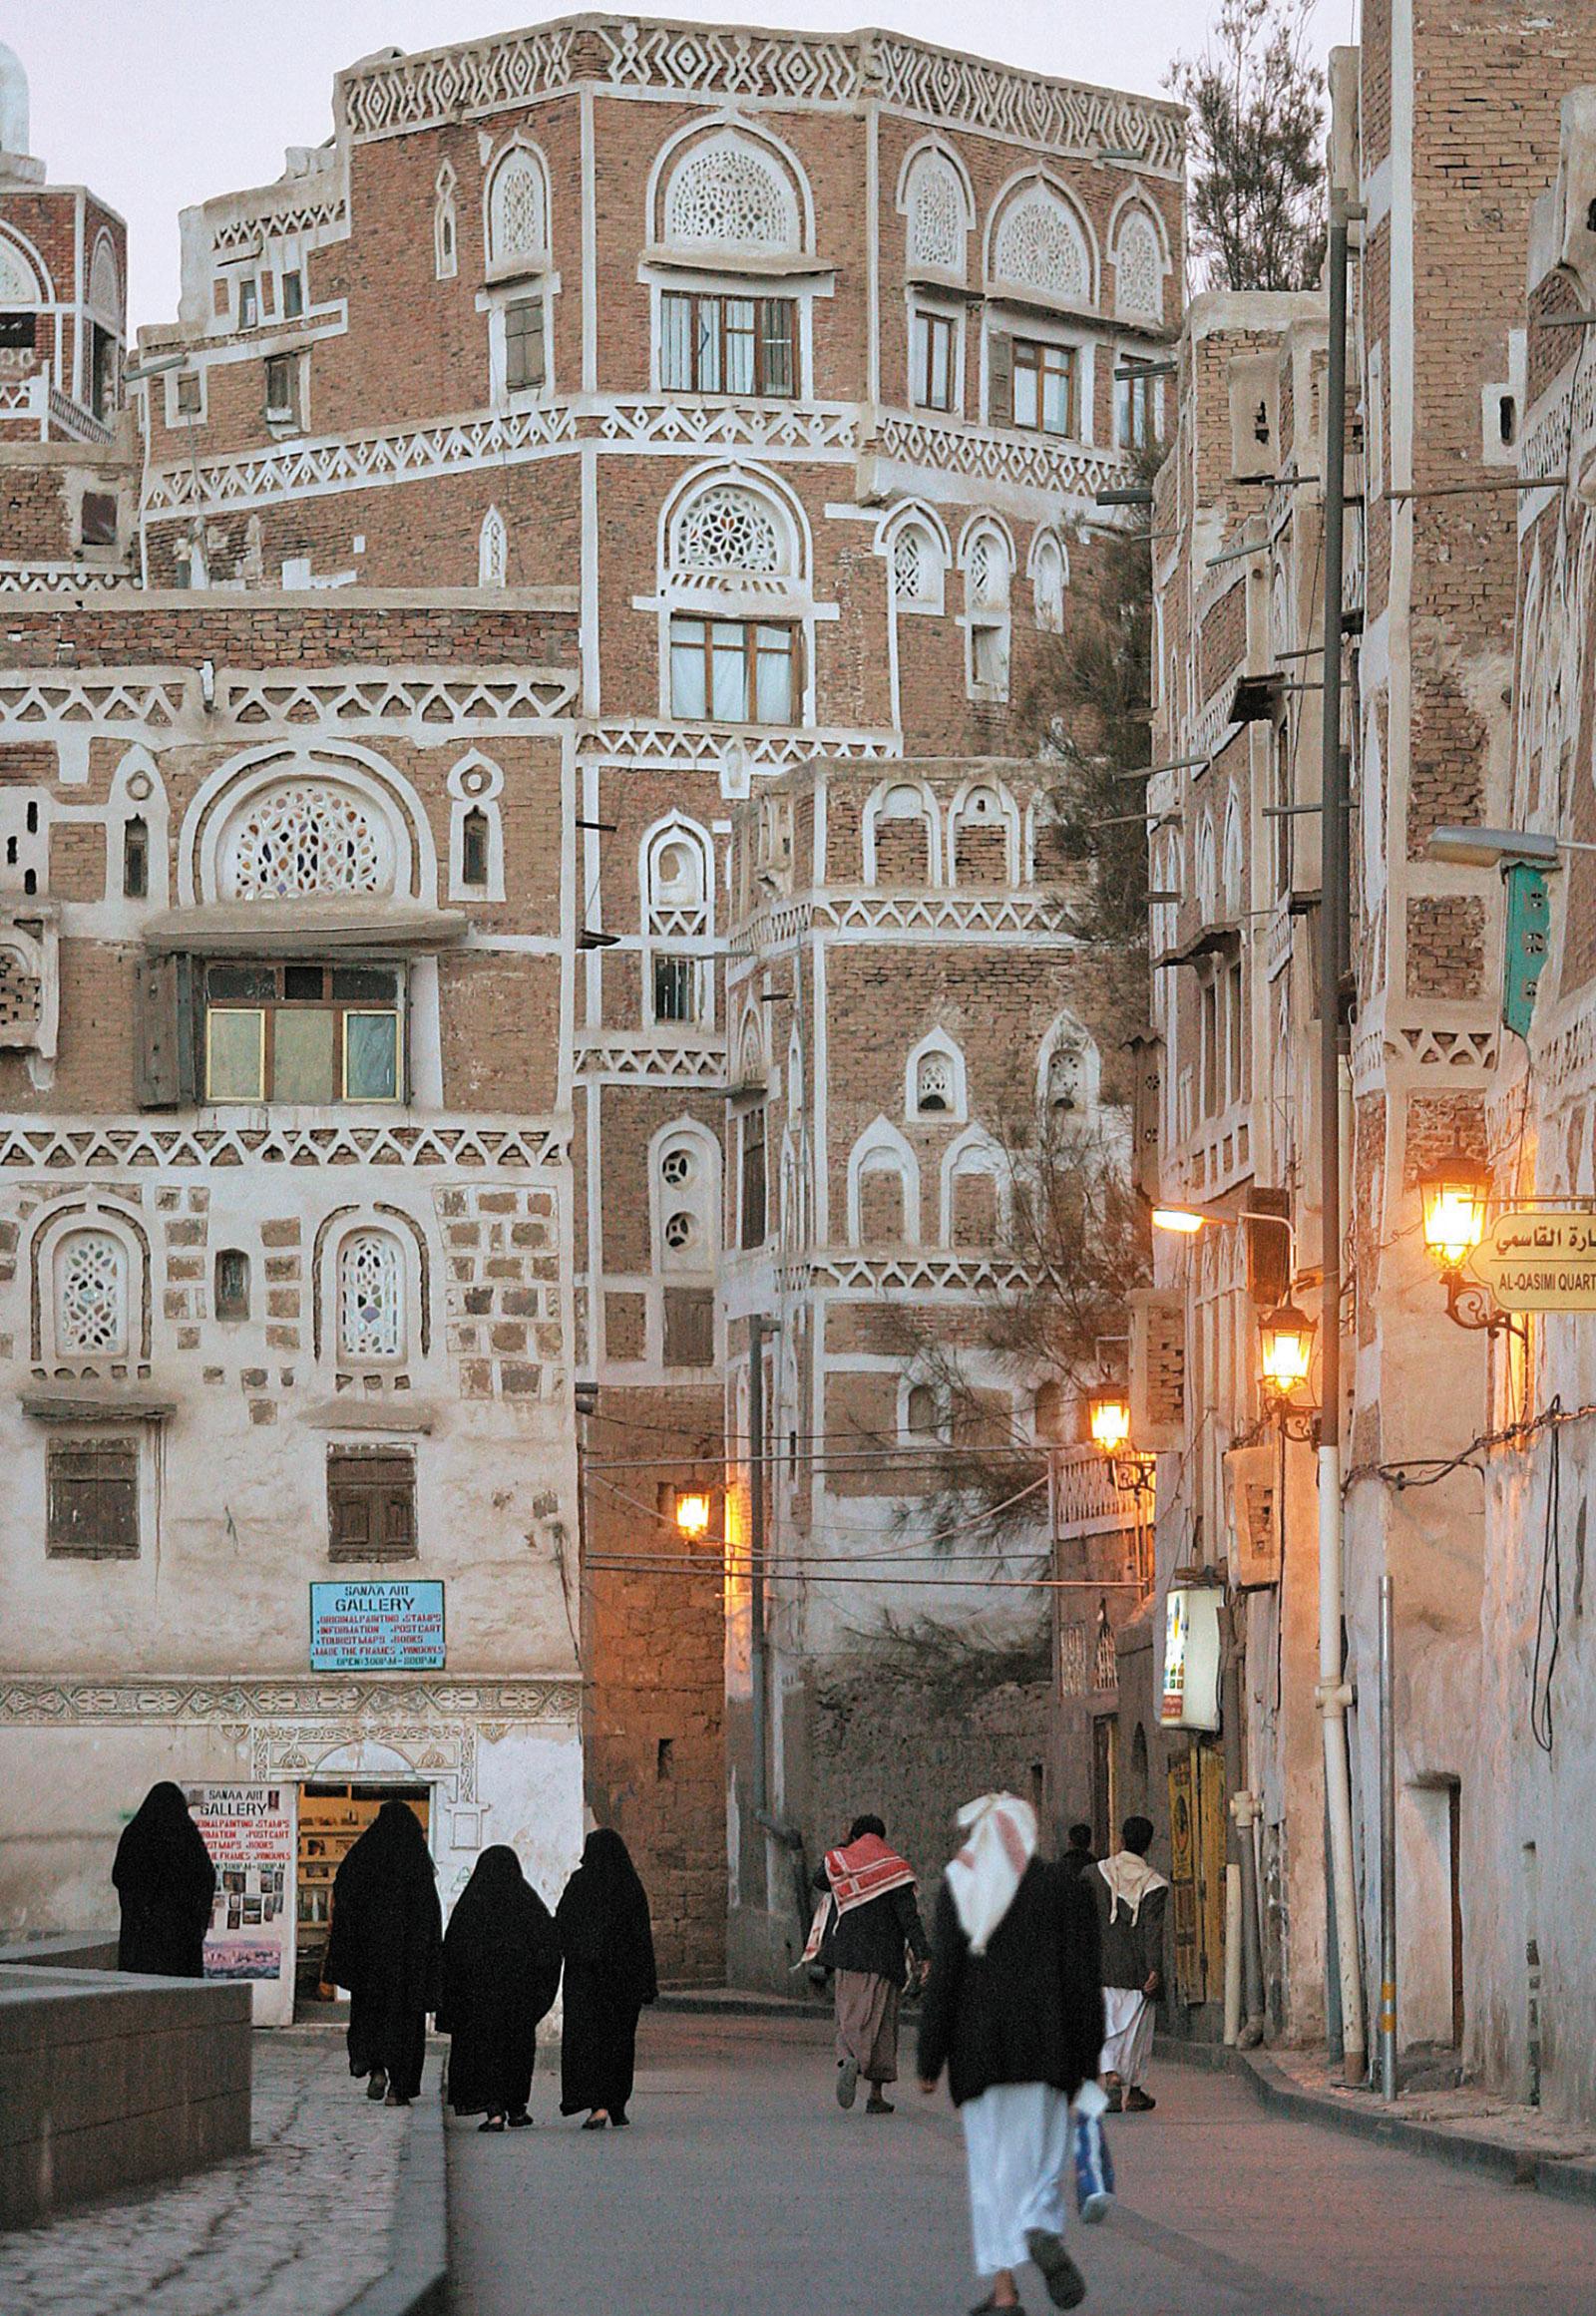 The old city, Sanaa, Yemen, 2006